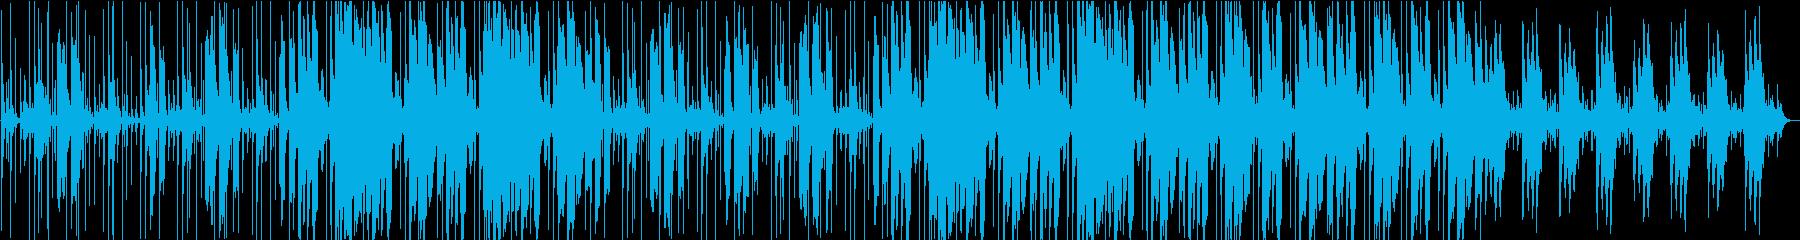 ジャングルをさまようようなBGMの再生済みの波形